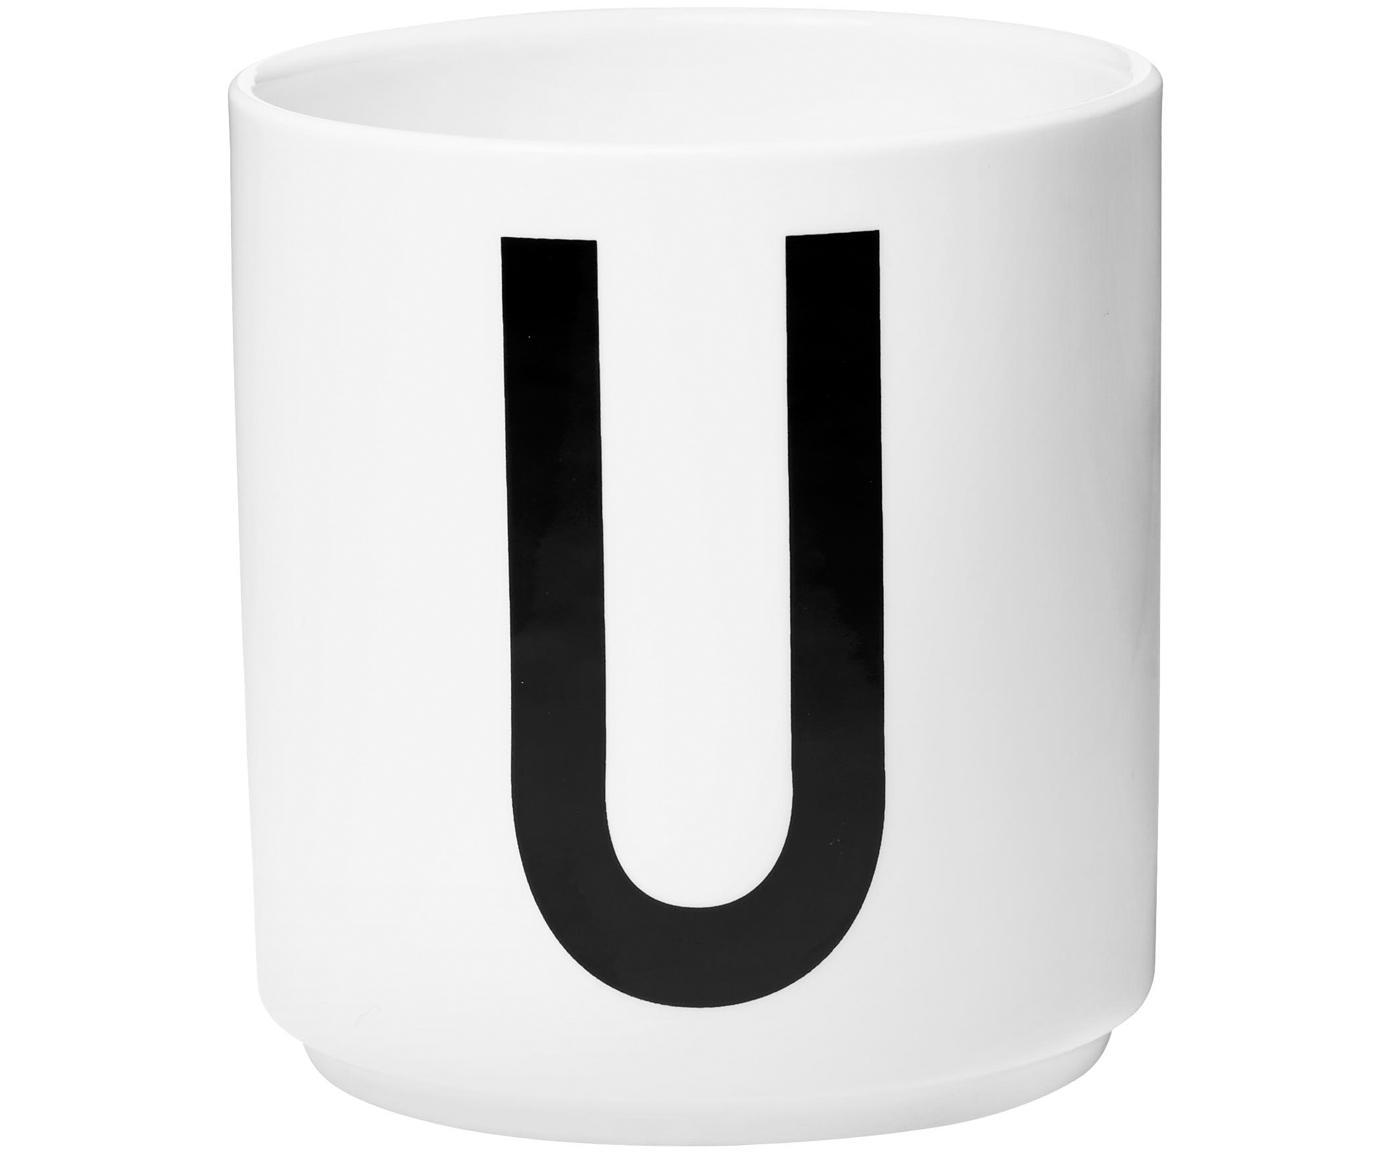 Design Becher Personal mit Buchstaben (Varianten von A bis Z), Fine Bone China (Porzellan), Weiss, Schwarz, Becher U